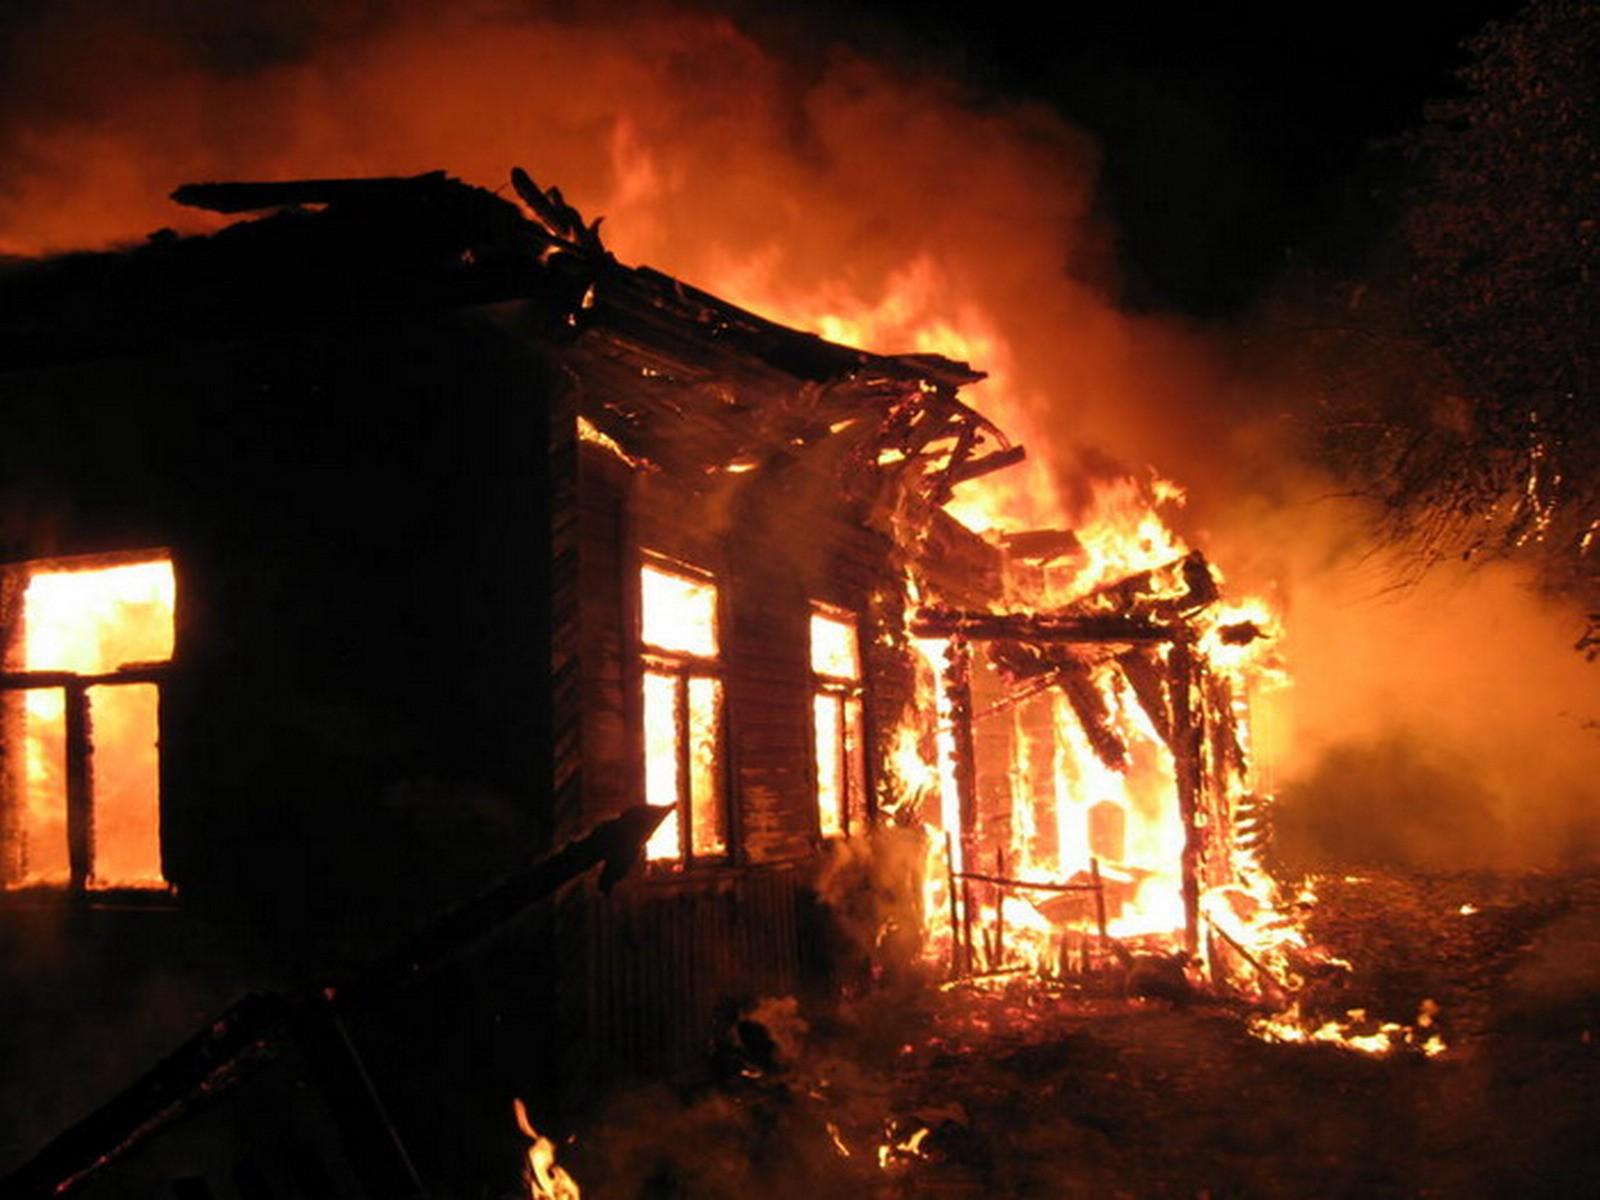 Человек пострадал впроцессе пожара, вспыхнувшего в личном доме— Коломна